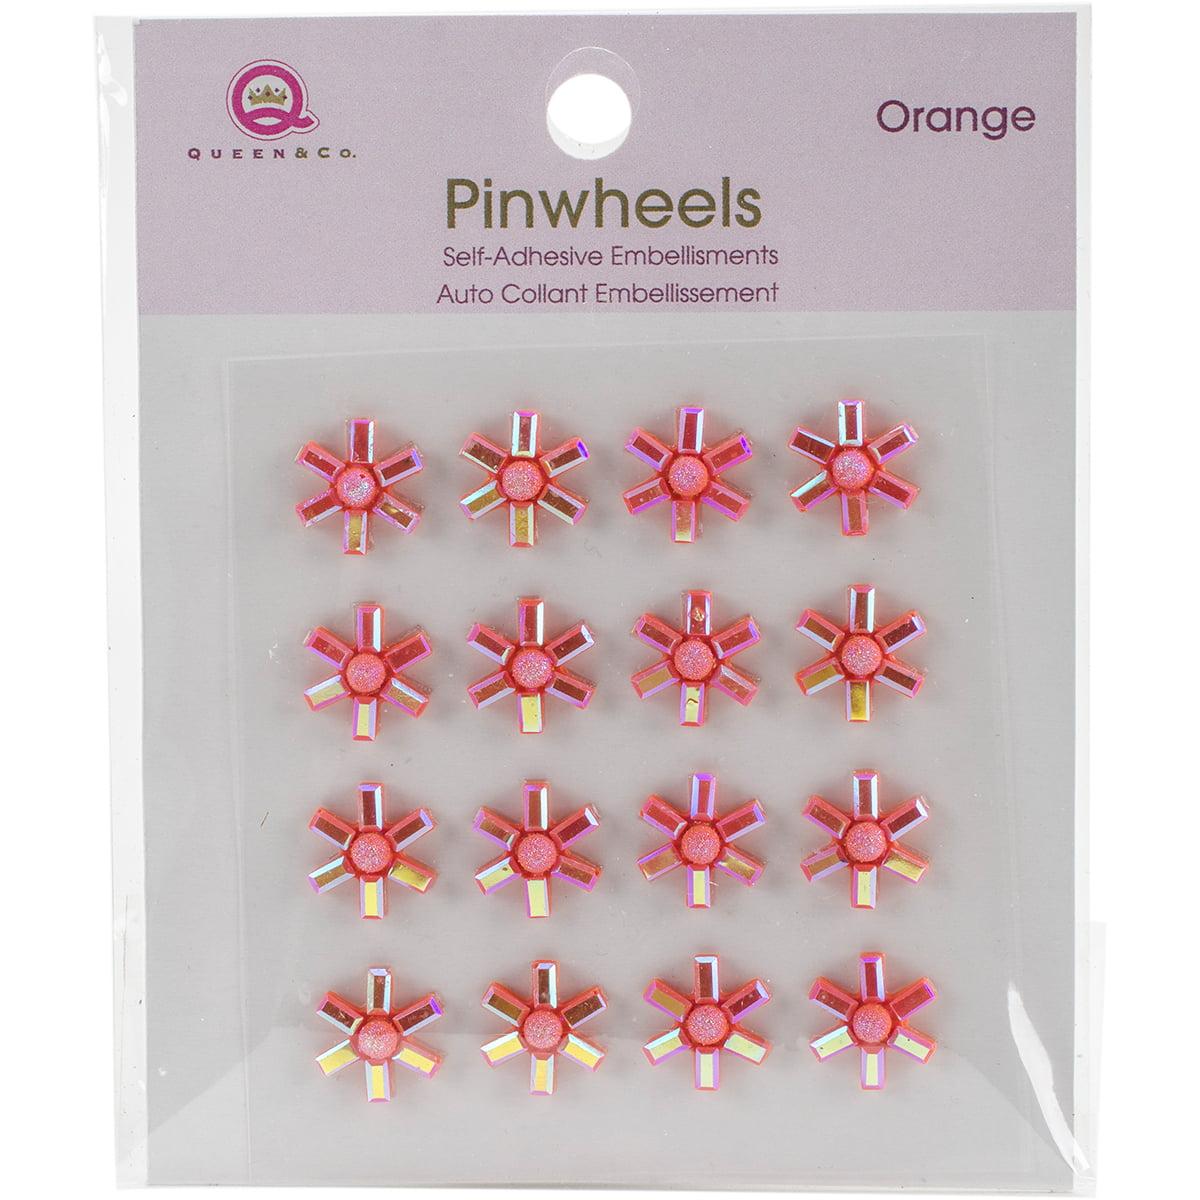 Queen & Co PW10-88 Pinwheels 16/Pkg - Orange